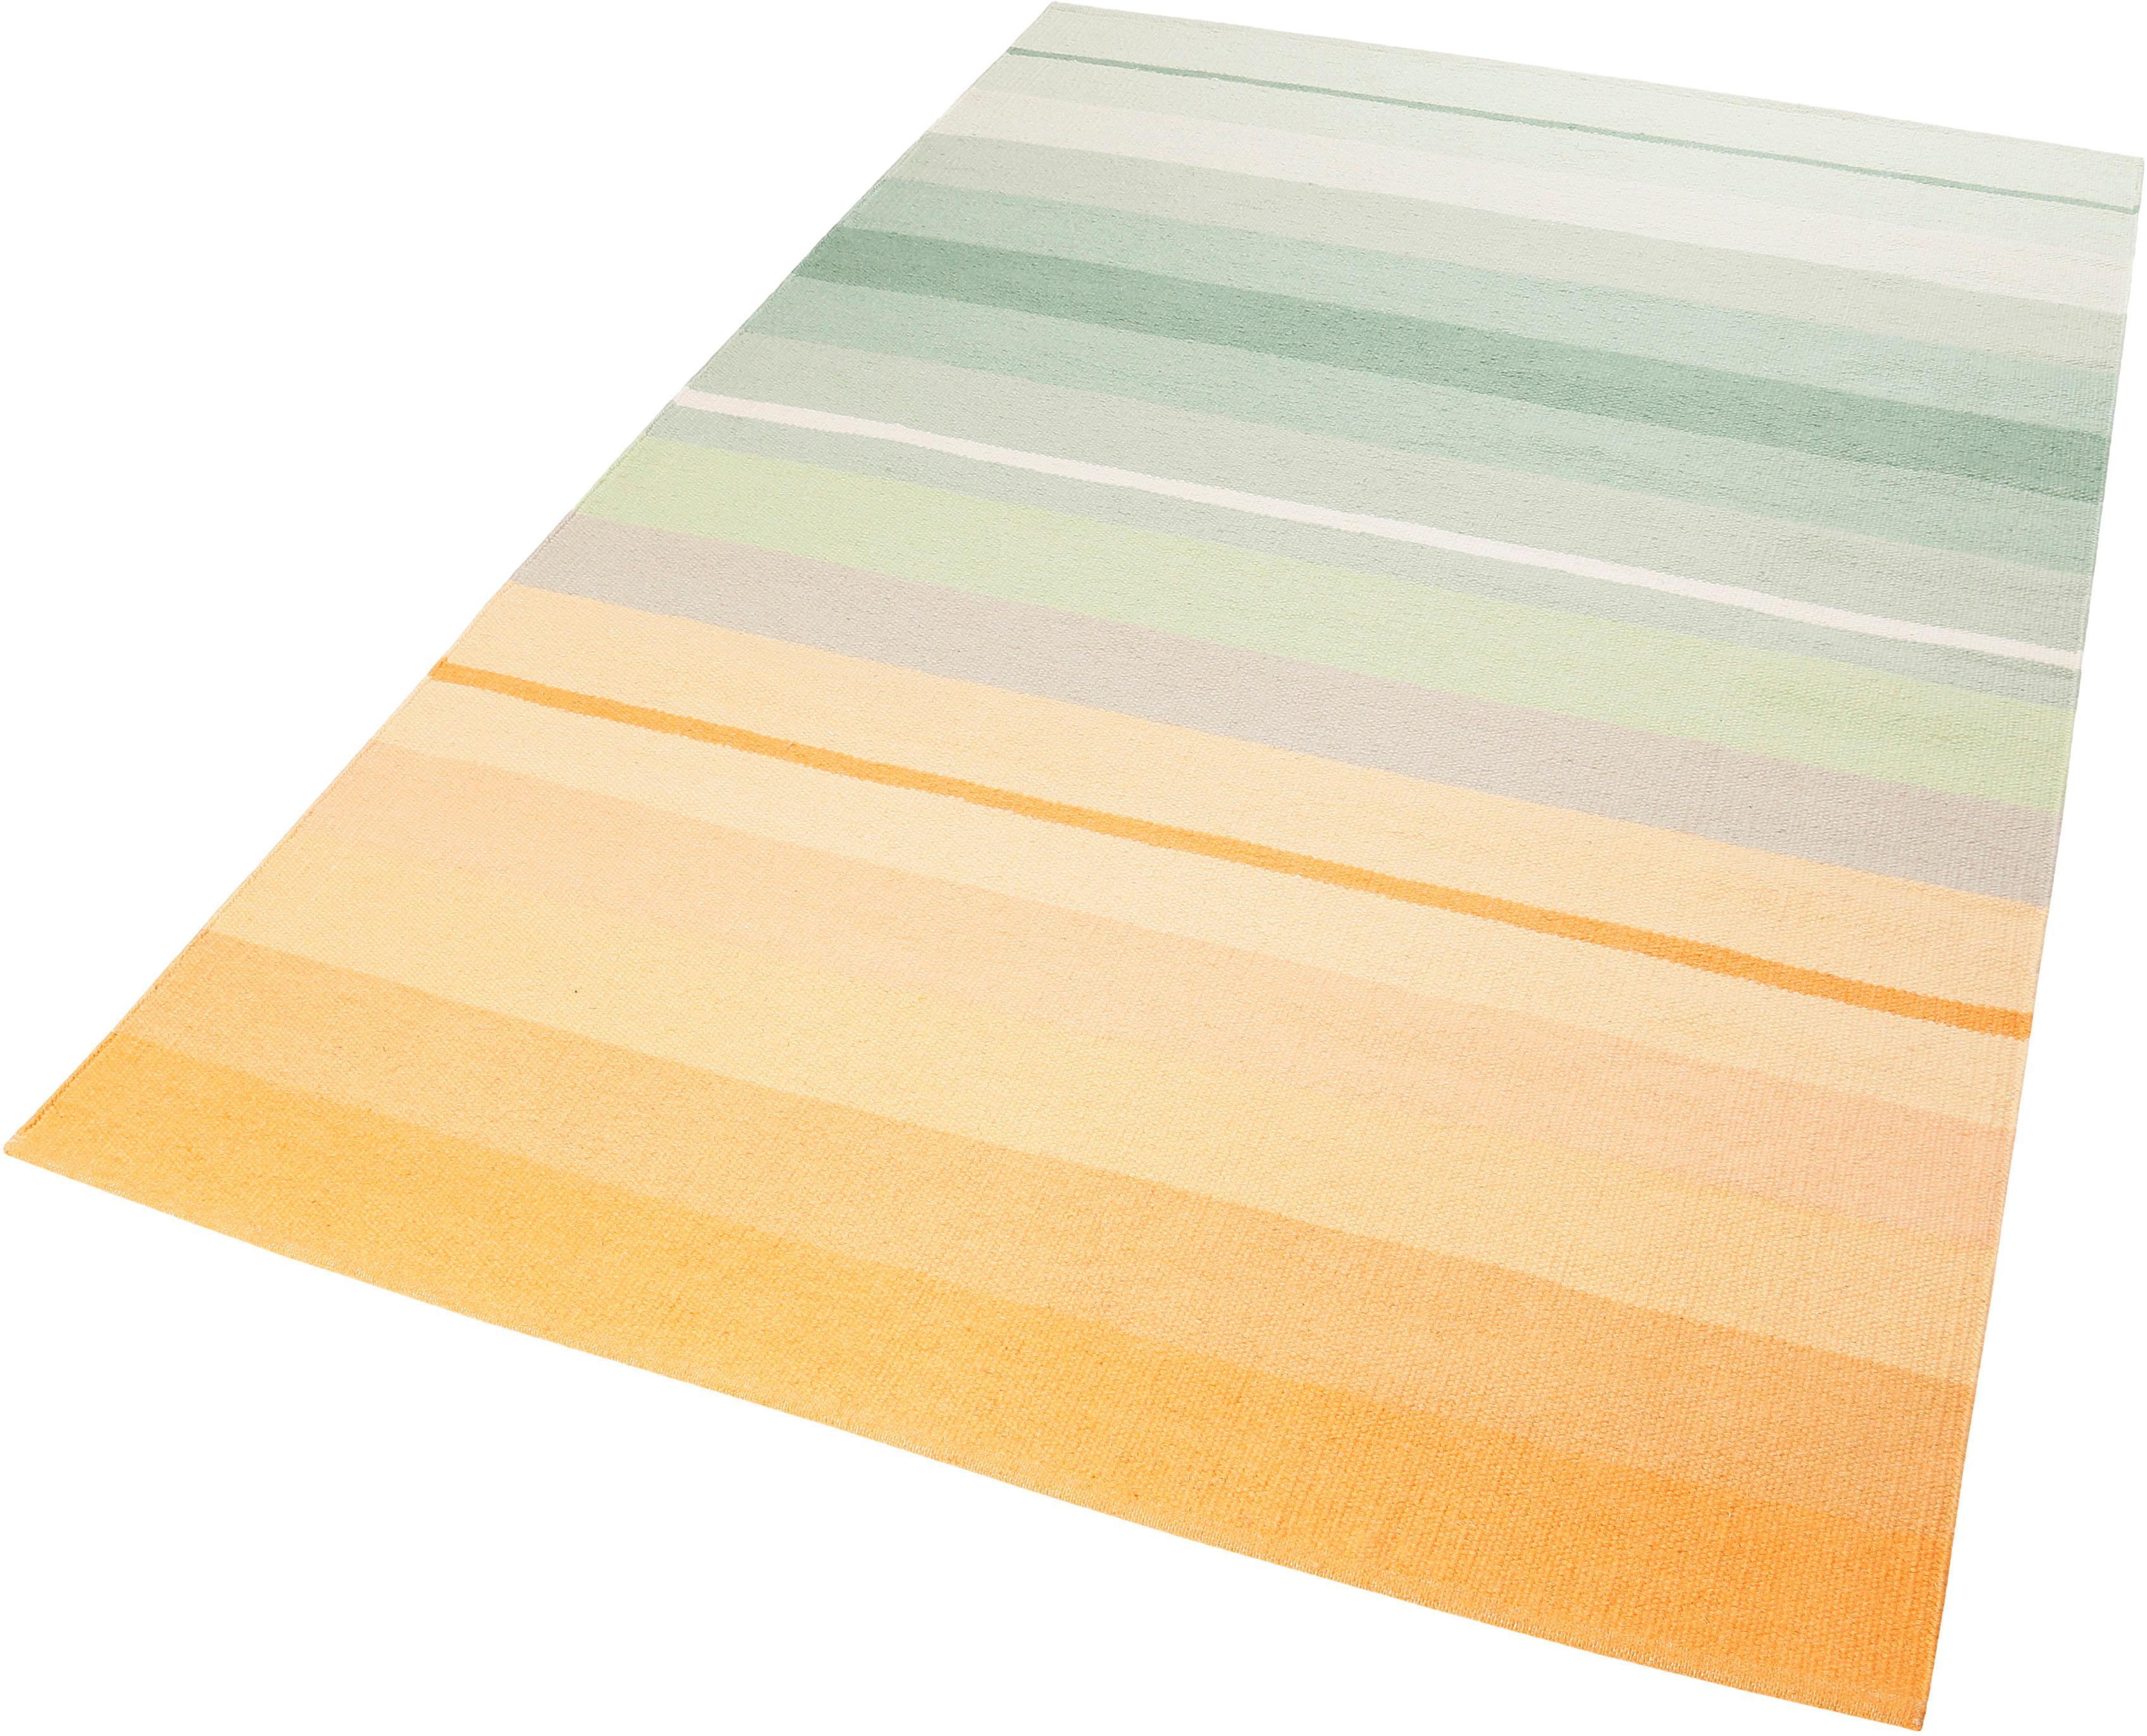 Teppich Raise Kelim Esprit rechteckig Höhe 4 mm handgewebt